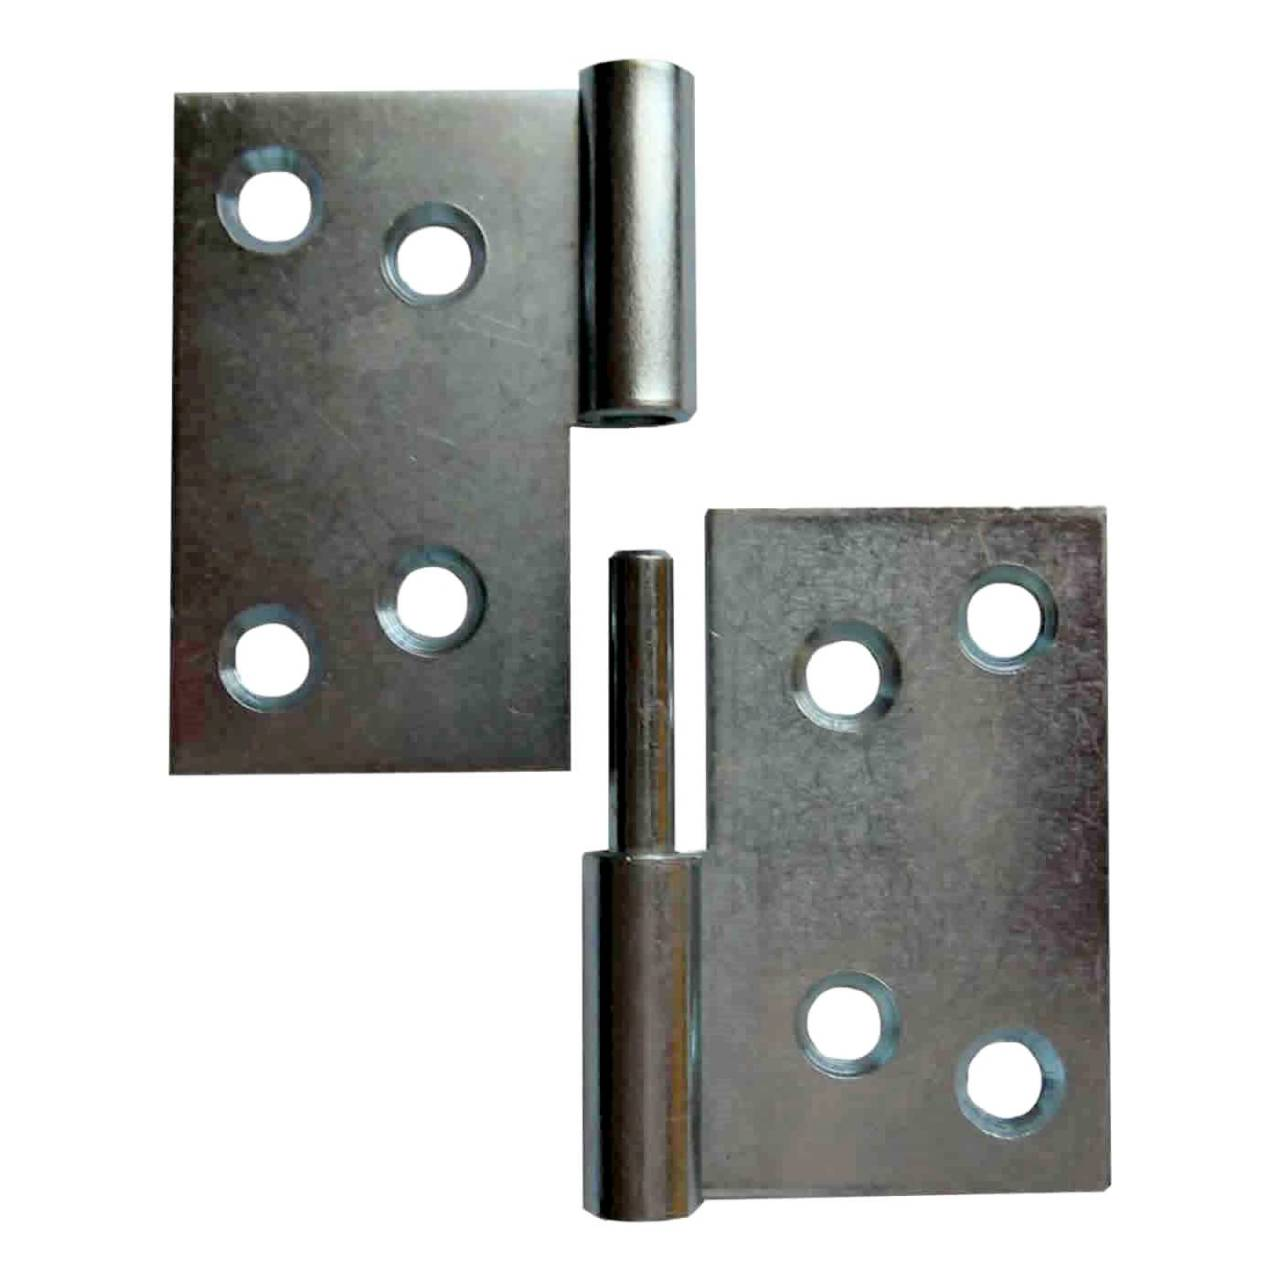 Aushebescharnier vz Links 60 x 80 x 2,0 mm / Pck a 2 Stück